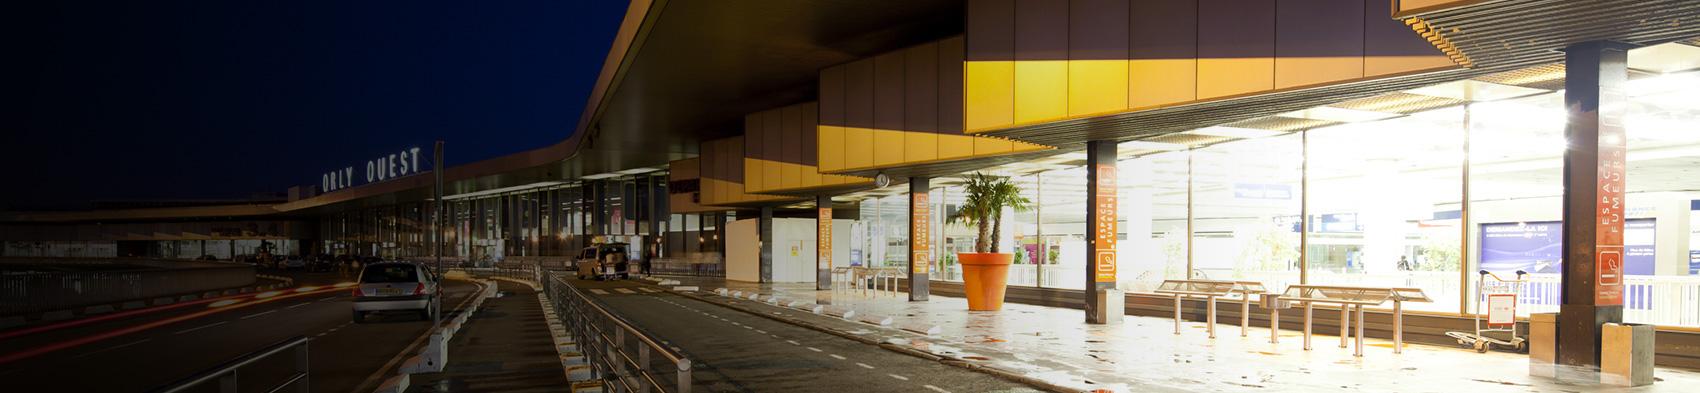 terminal ouest de paris orly paris a roport. Black Bedroom Furniture Sets. Home Design Ideas